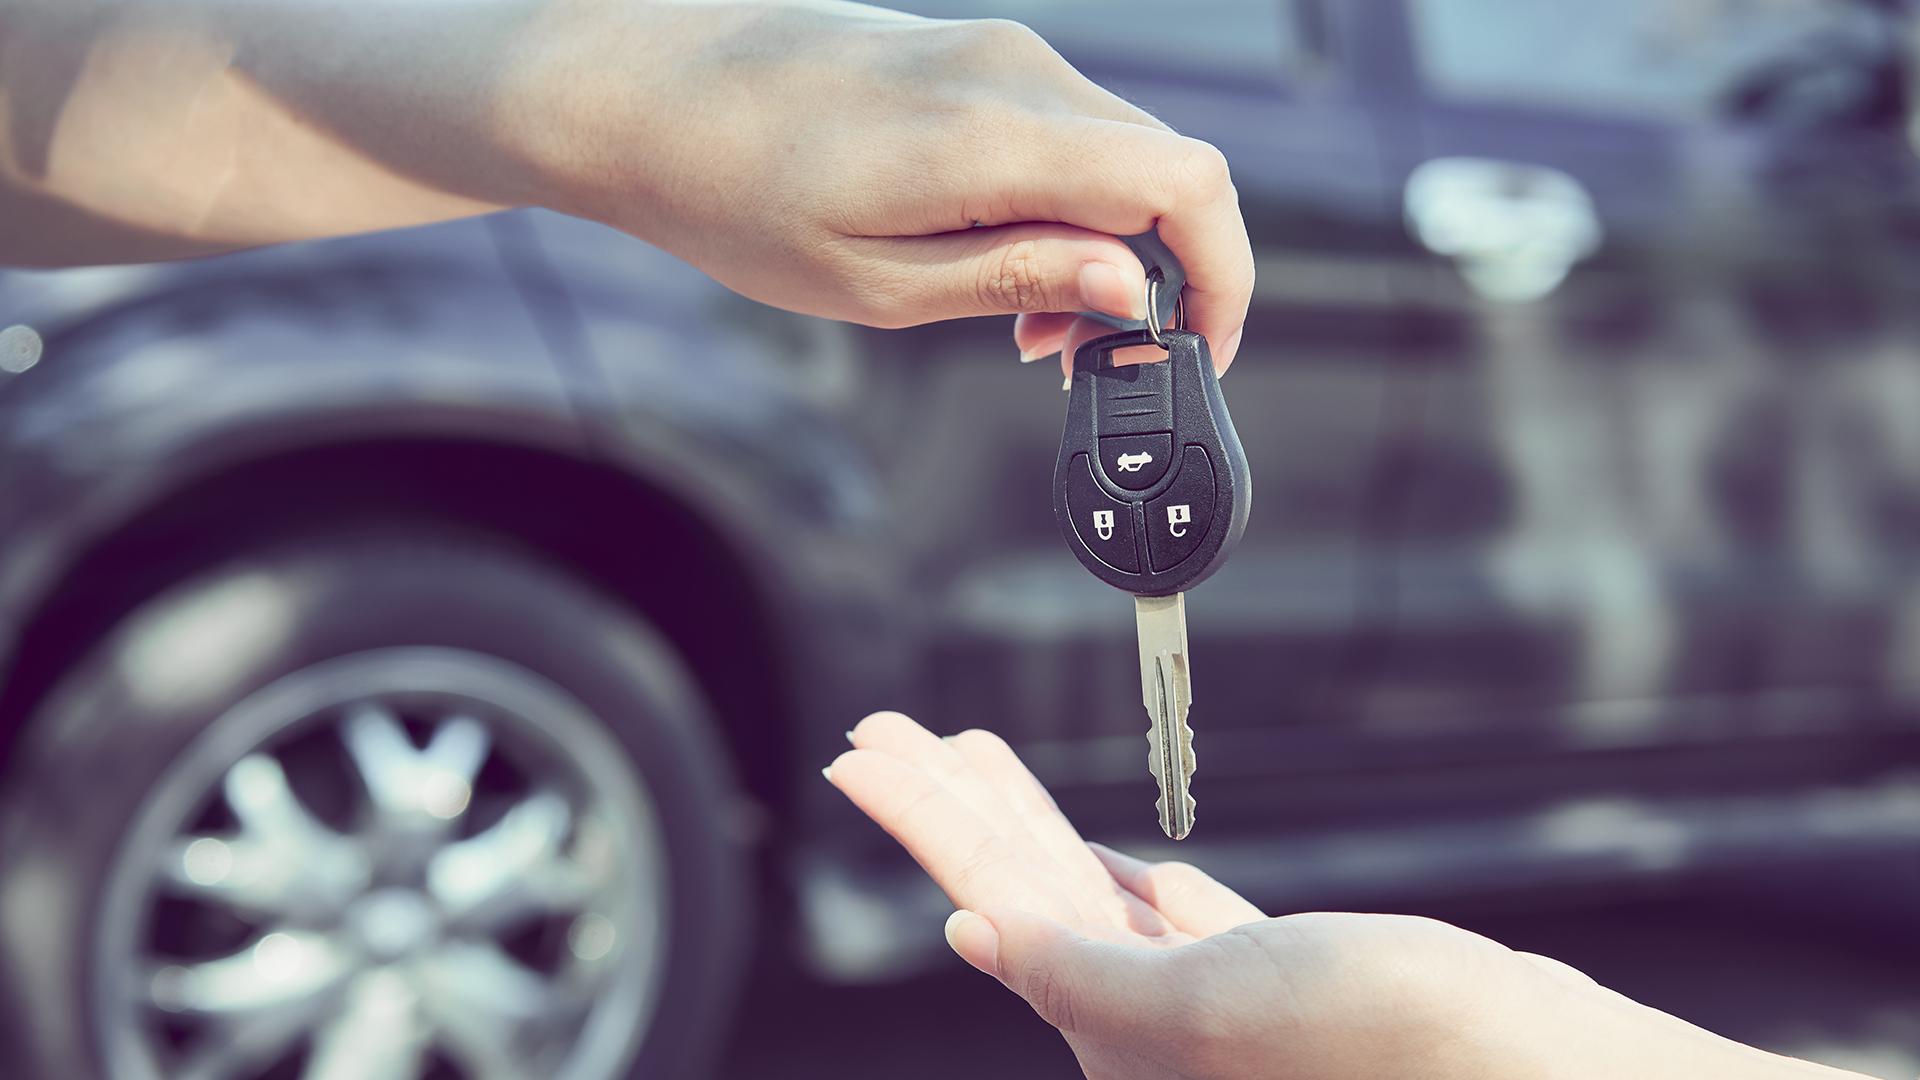 banner-blogpost-conoce-nuestras-marcas-y-modelos-para-el-alquiler-de-automoviles